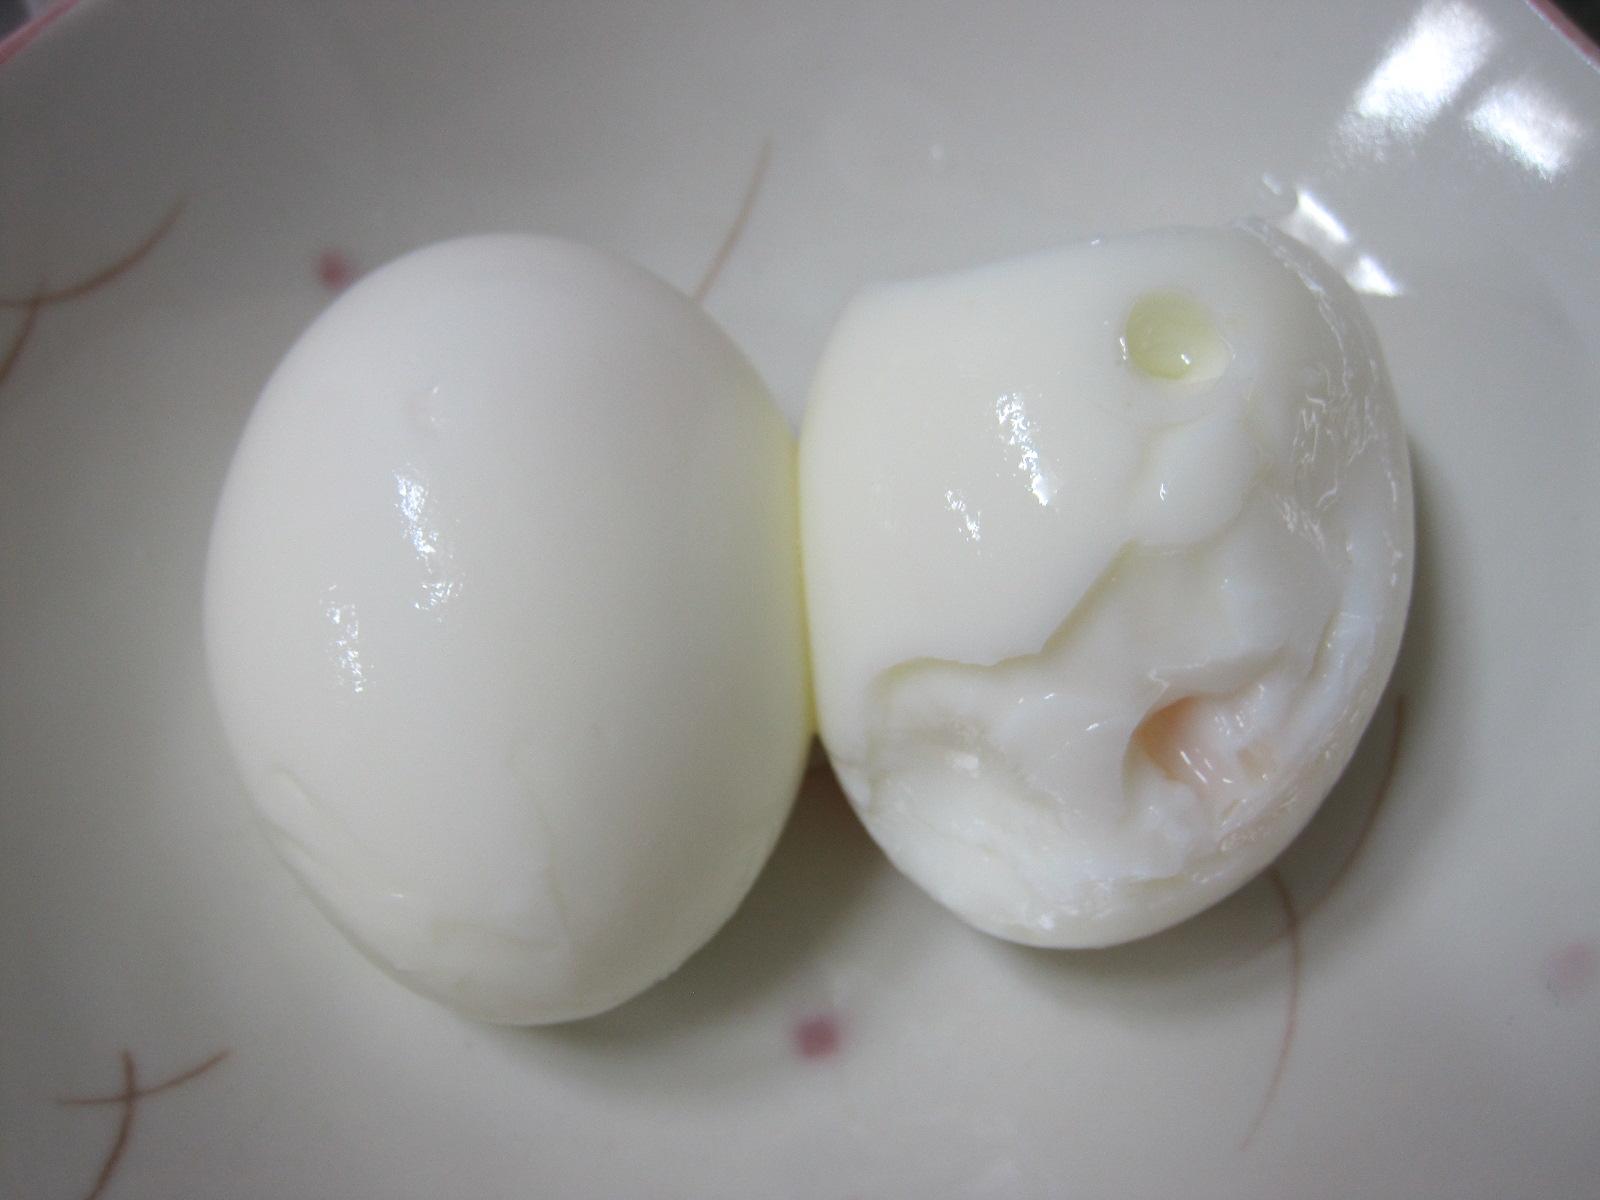 - 036 - Dùng 2 quả trứng để dạy con, người mẹ khiến cô giáo mầm non phải nghiêng mình thán phục: Quá hay!